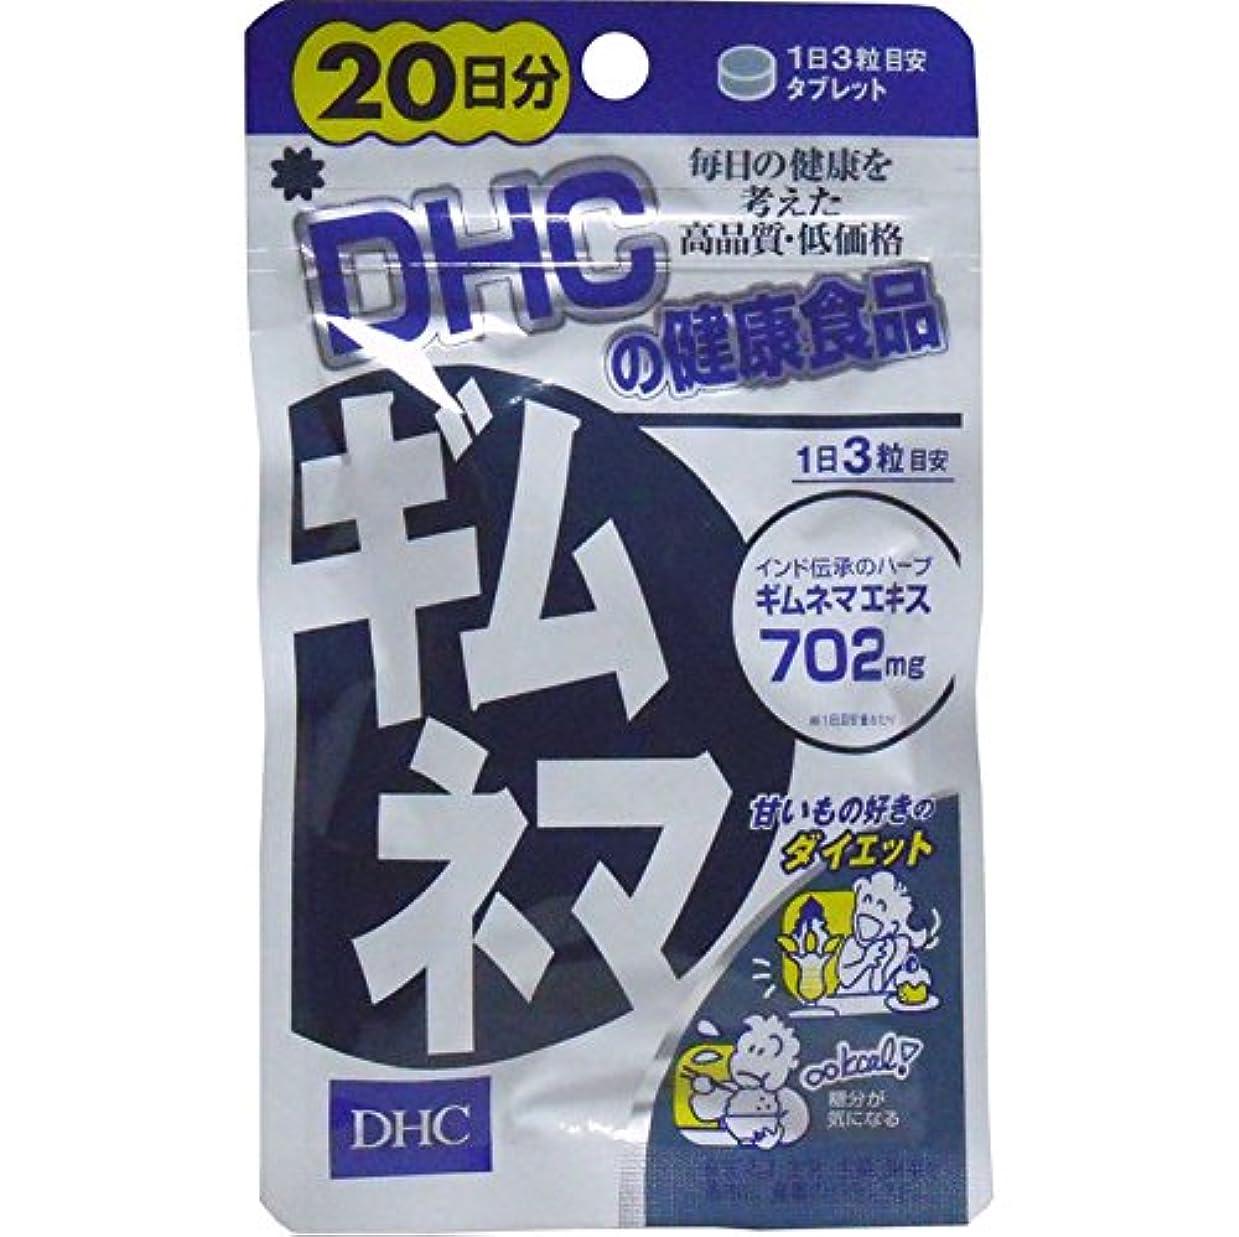 トピックアシュリータファーマン実行する大好きな「甘いもの」をムダ肉にしない DHC ギムネマ 20日分 60粒